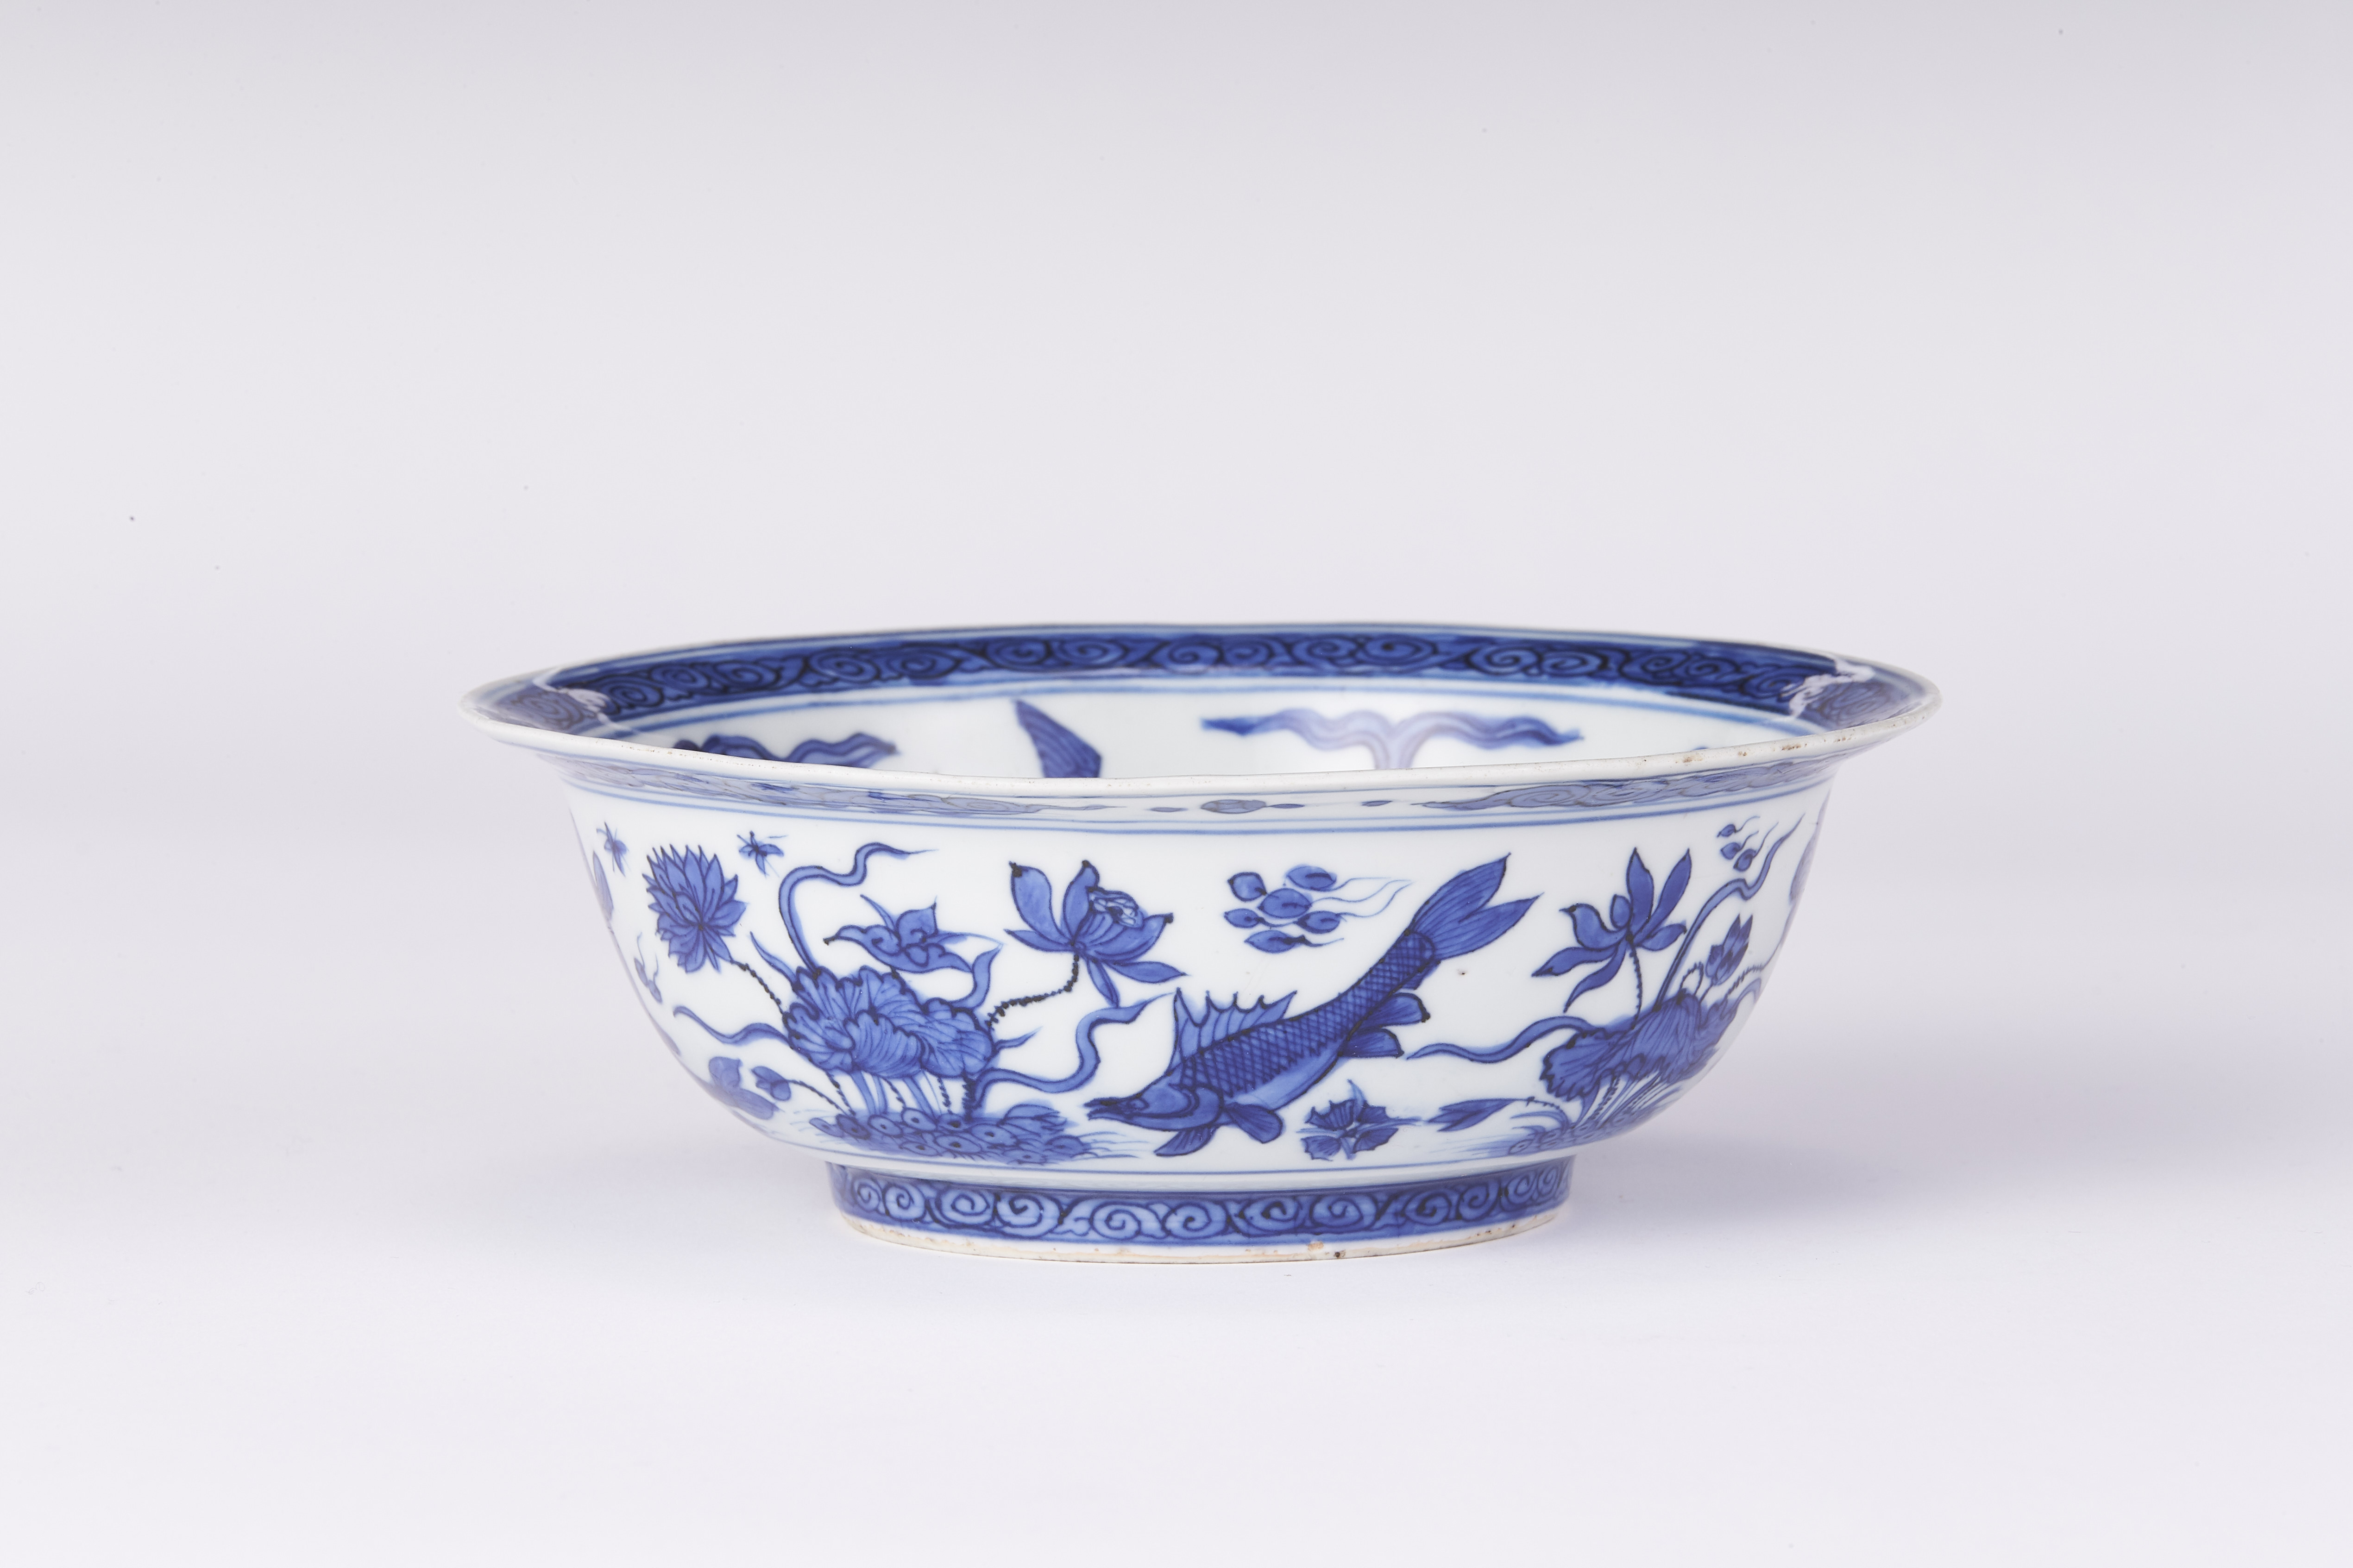 171201明嘉靖「富貴佳器」款 花鳥図 碗